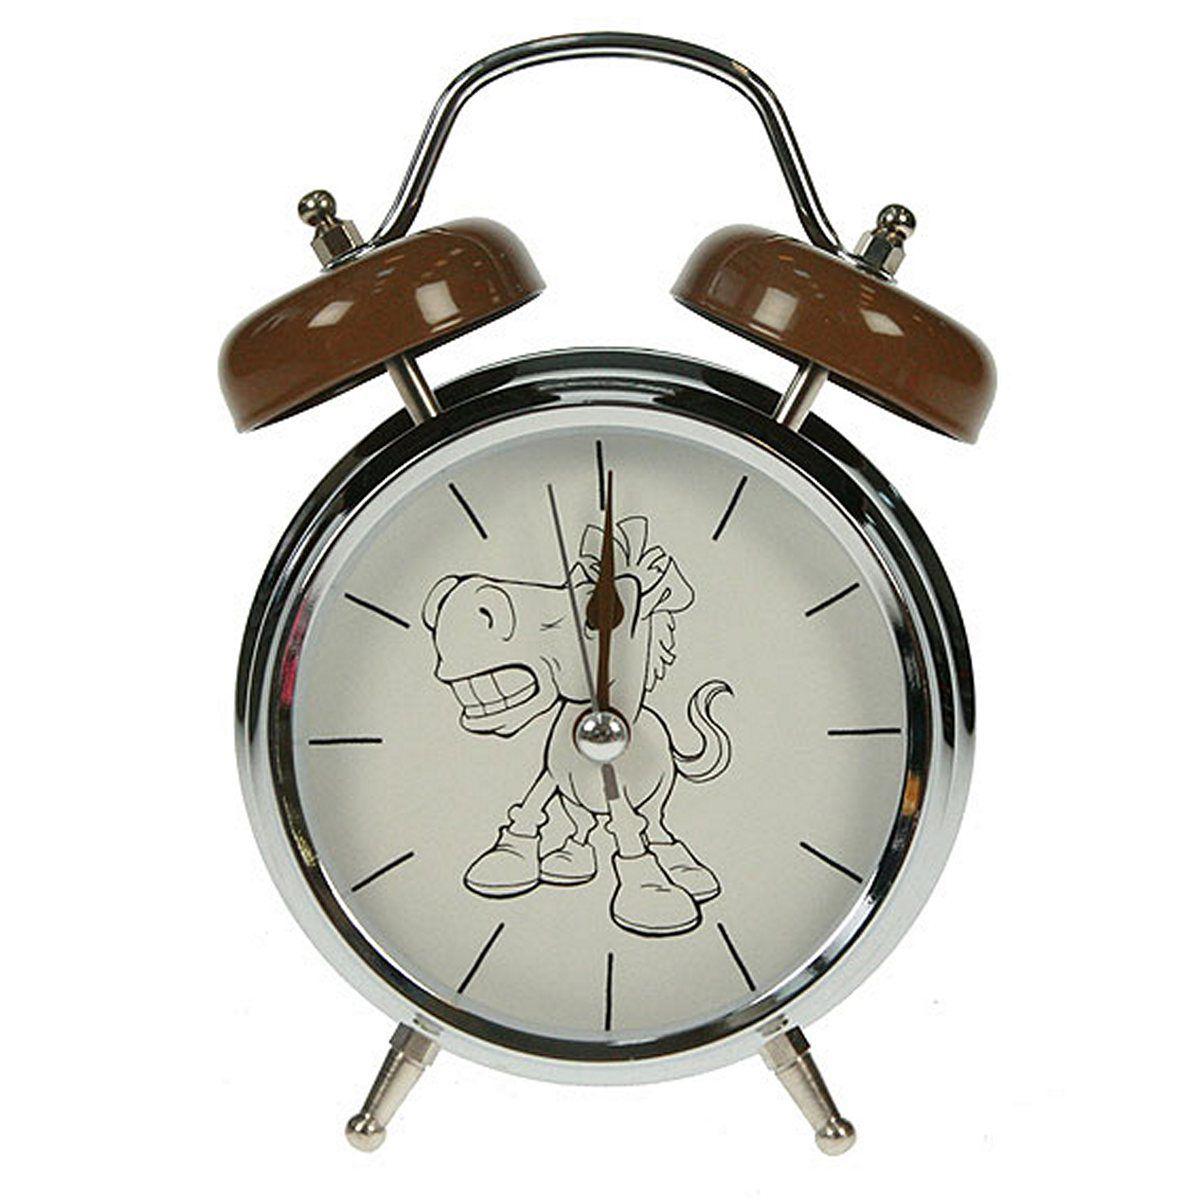 Часы настольные Русские Подарки Лошадь, с функцией будильника, 12 х 6 х 17 см. 232417232417Настольные кварцевые часы Русские Подарки Лошадь изготовлены из металла, циферблат защищен стеклом. Оригинальное оформление в виде смешной лошадки поднимет настроение, а благодаря функции будильника вы проснетесь вовремя. Часы имеют три стрелки - часовую, минутную и секундную. Такие часы украсят интерьер дома или рабочий стол в офисе. Также часы могут стать уникальным, полезным подарком для родственников, коллег, знакомых и близких. Часы работают от батареек типа АА (в комплект не входят).